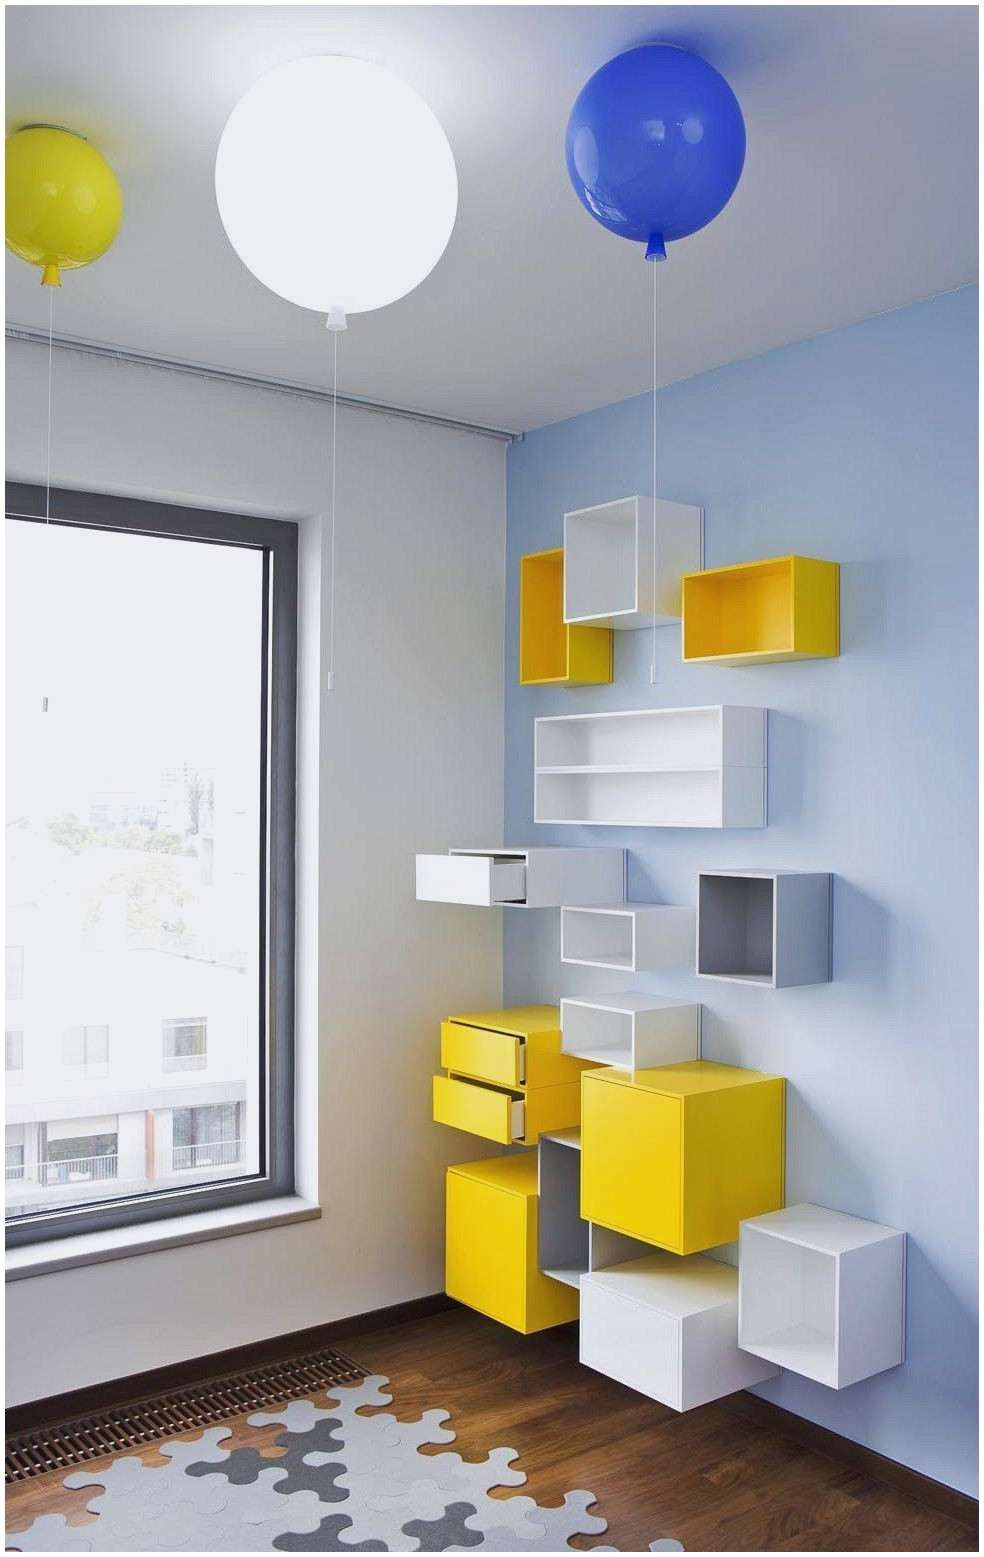 Lit 2 Places Ado Bel 57 Mezzanine Ado Concept Jongor4hire